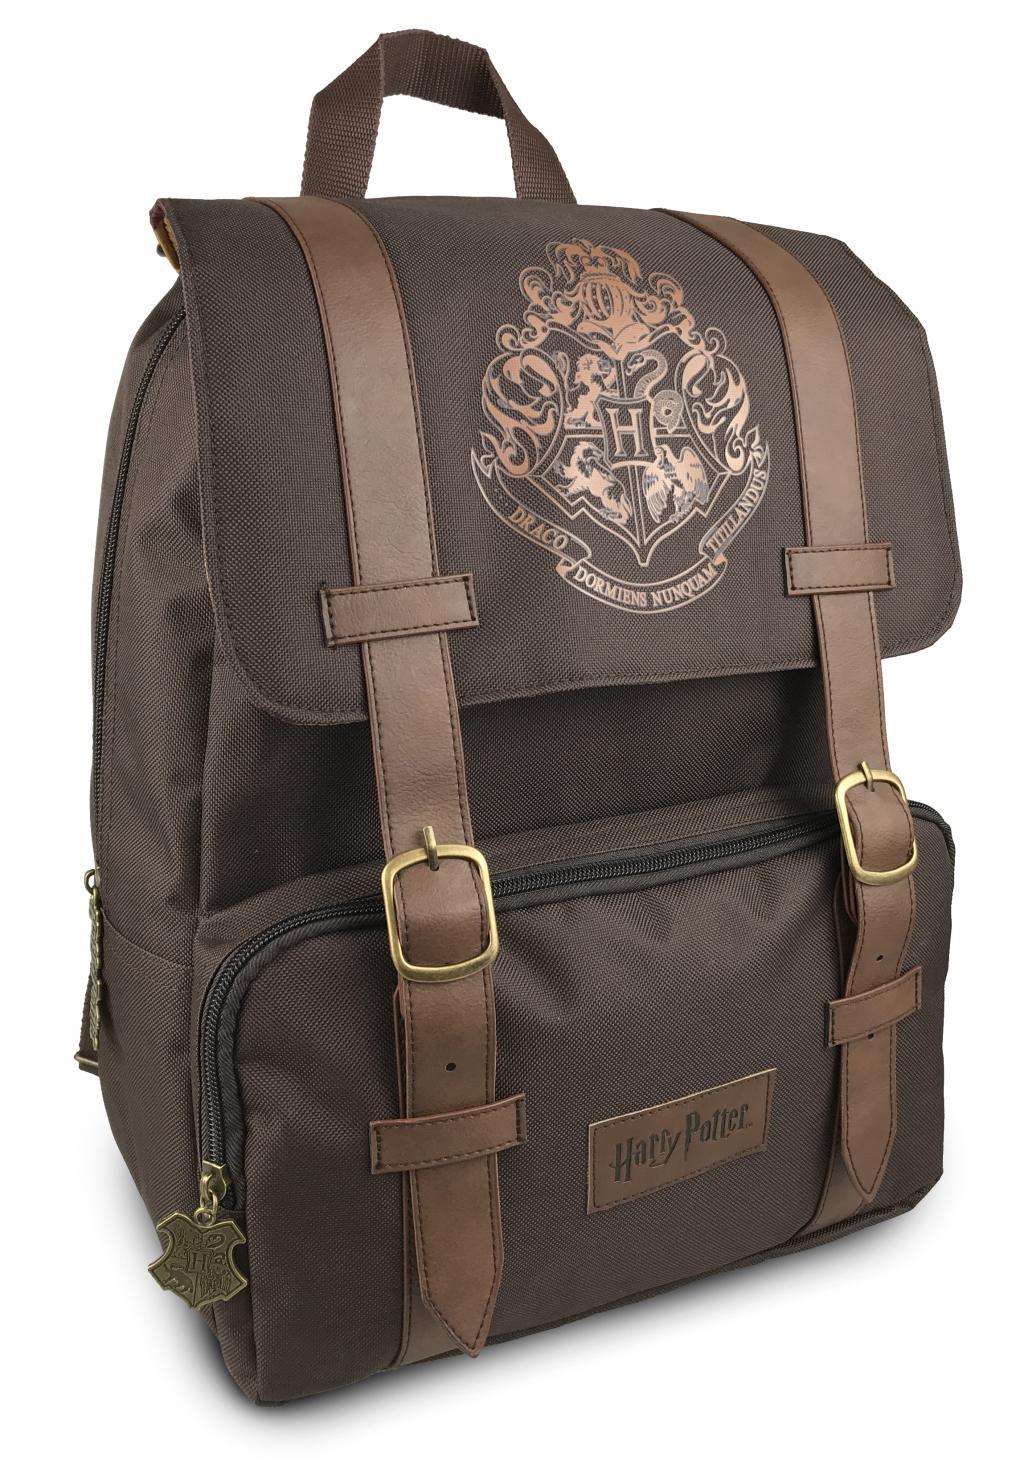 HARRY POTTER - Hogwarts Flap-Over Backpack